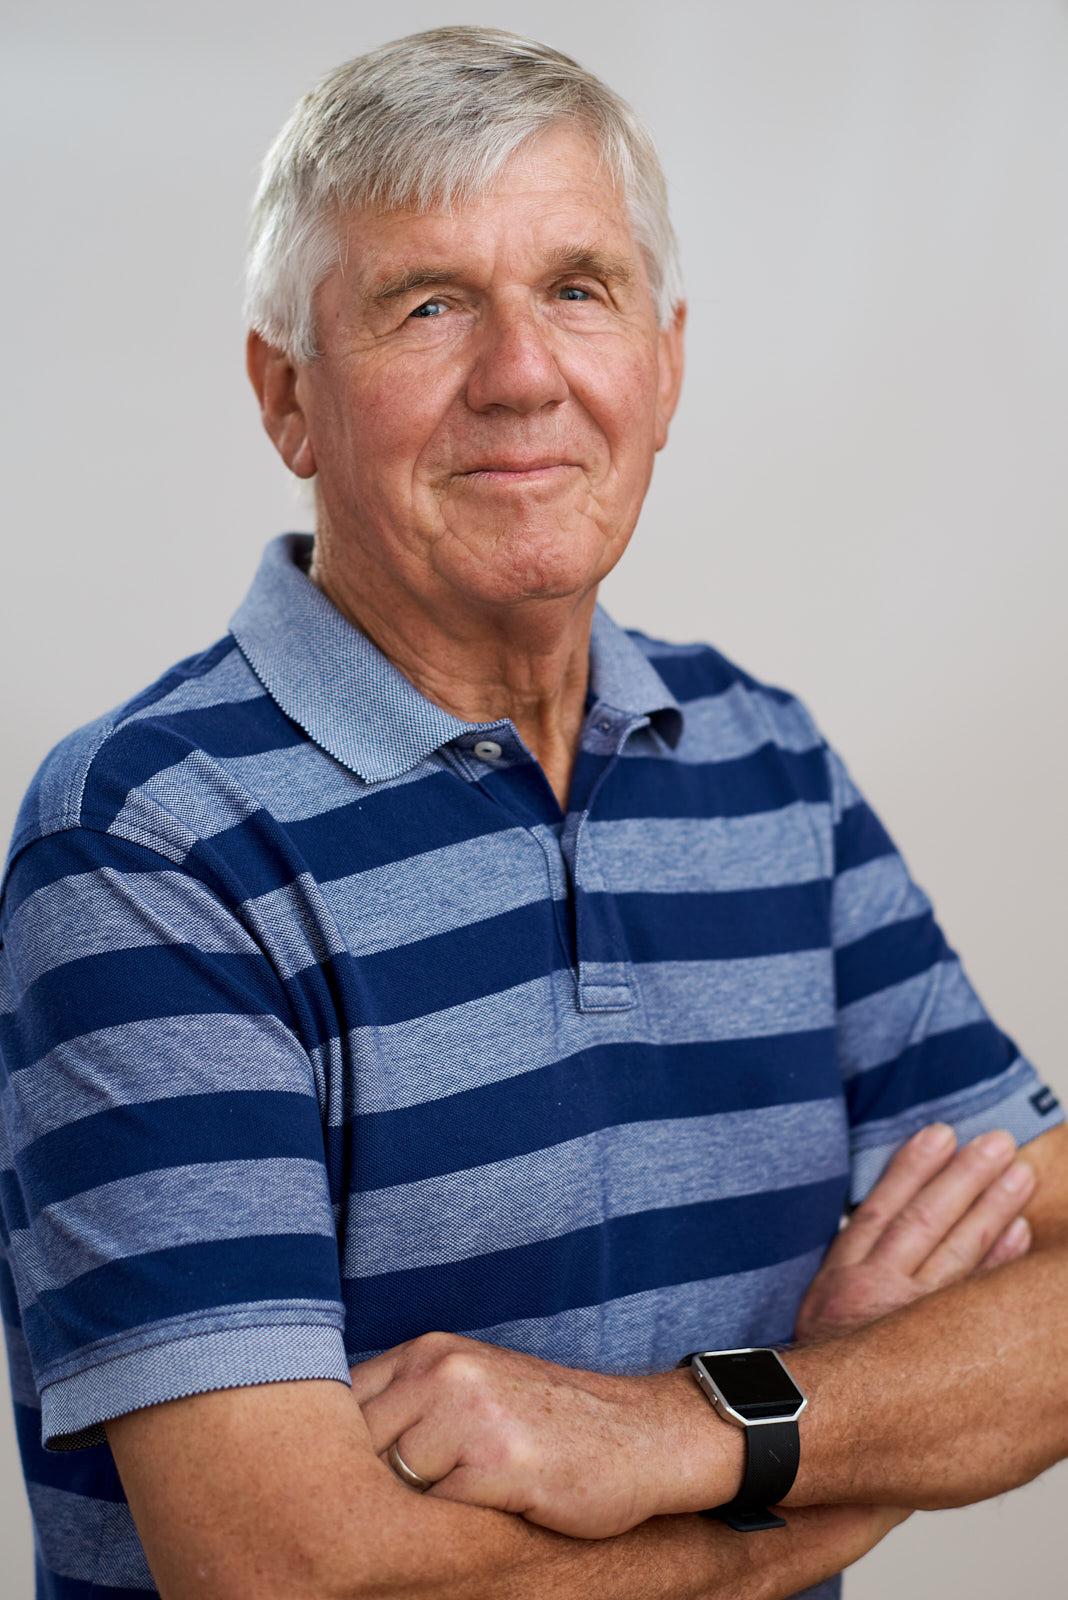 Ian: Retired, Builder, TV Antenna Installer, Printer, House Painter.